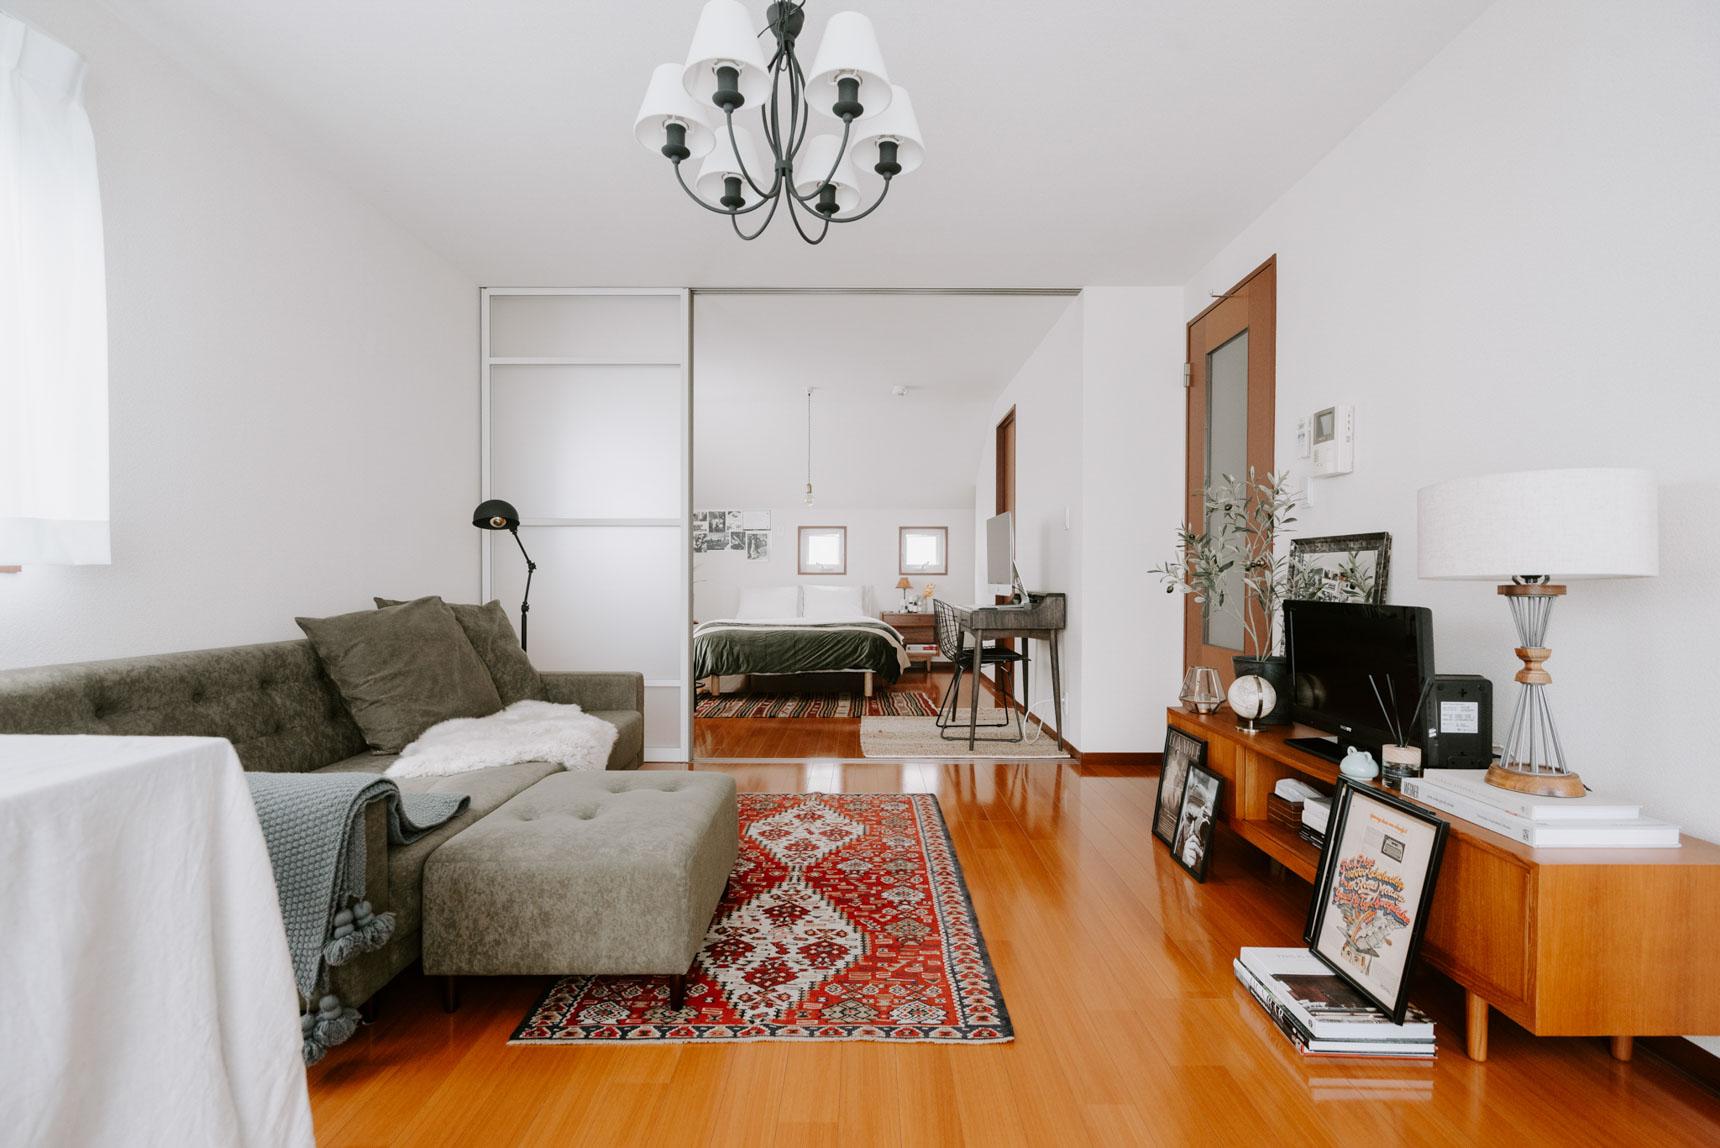 お二人暮らしを始めたばかりという1LDKのお部屋は、大きな家具がいくつかと、雑貨棚はあるものの、パートナーがミニマリストなこともあって比較的物が少なく、とても広い印象です。